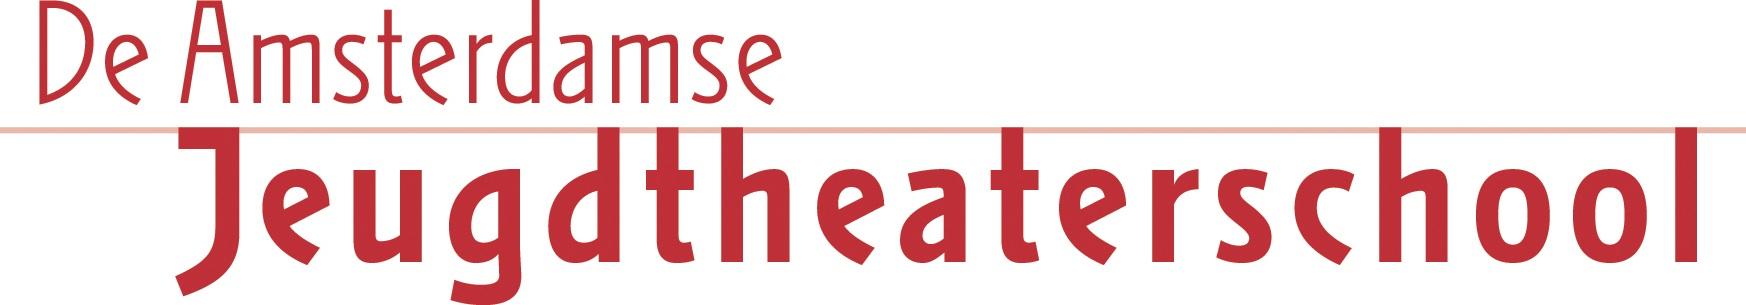 De Amsterdamse Jeugdtheaterschool